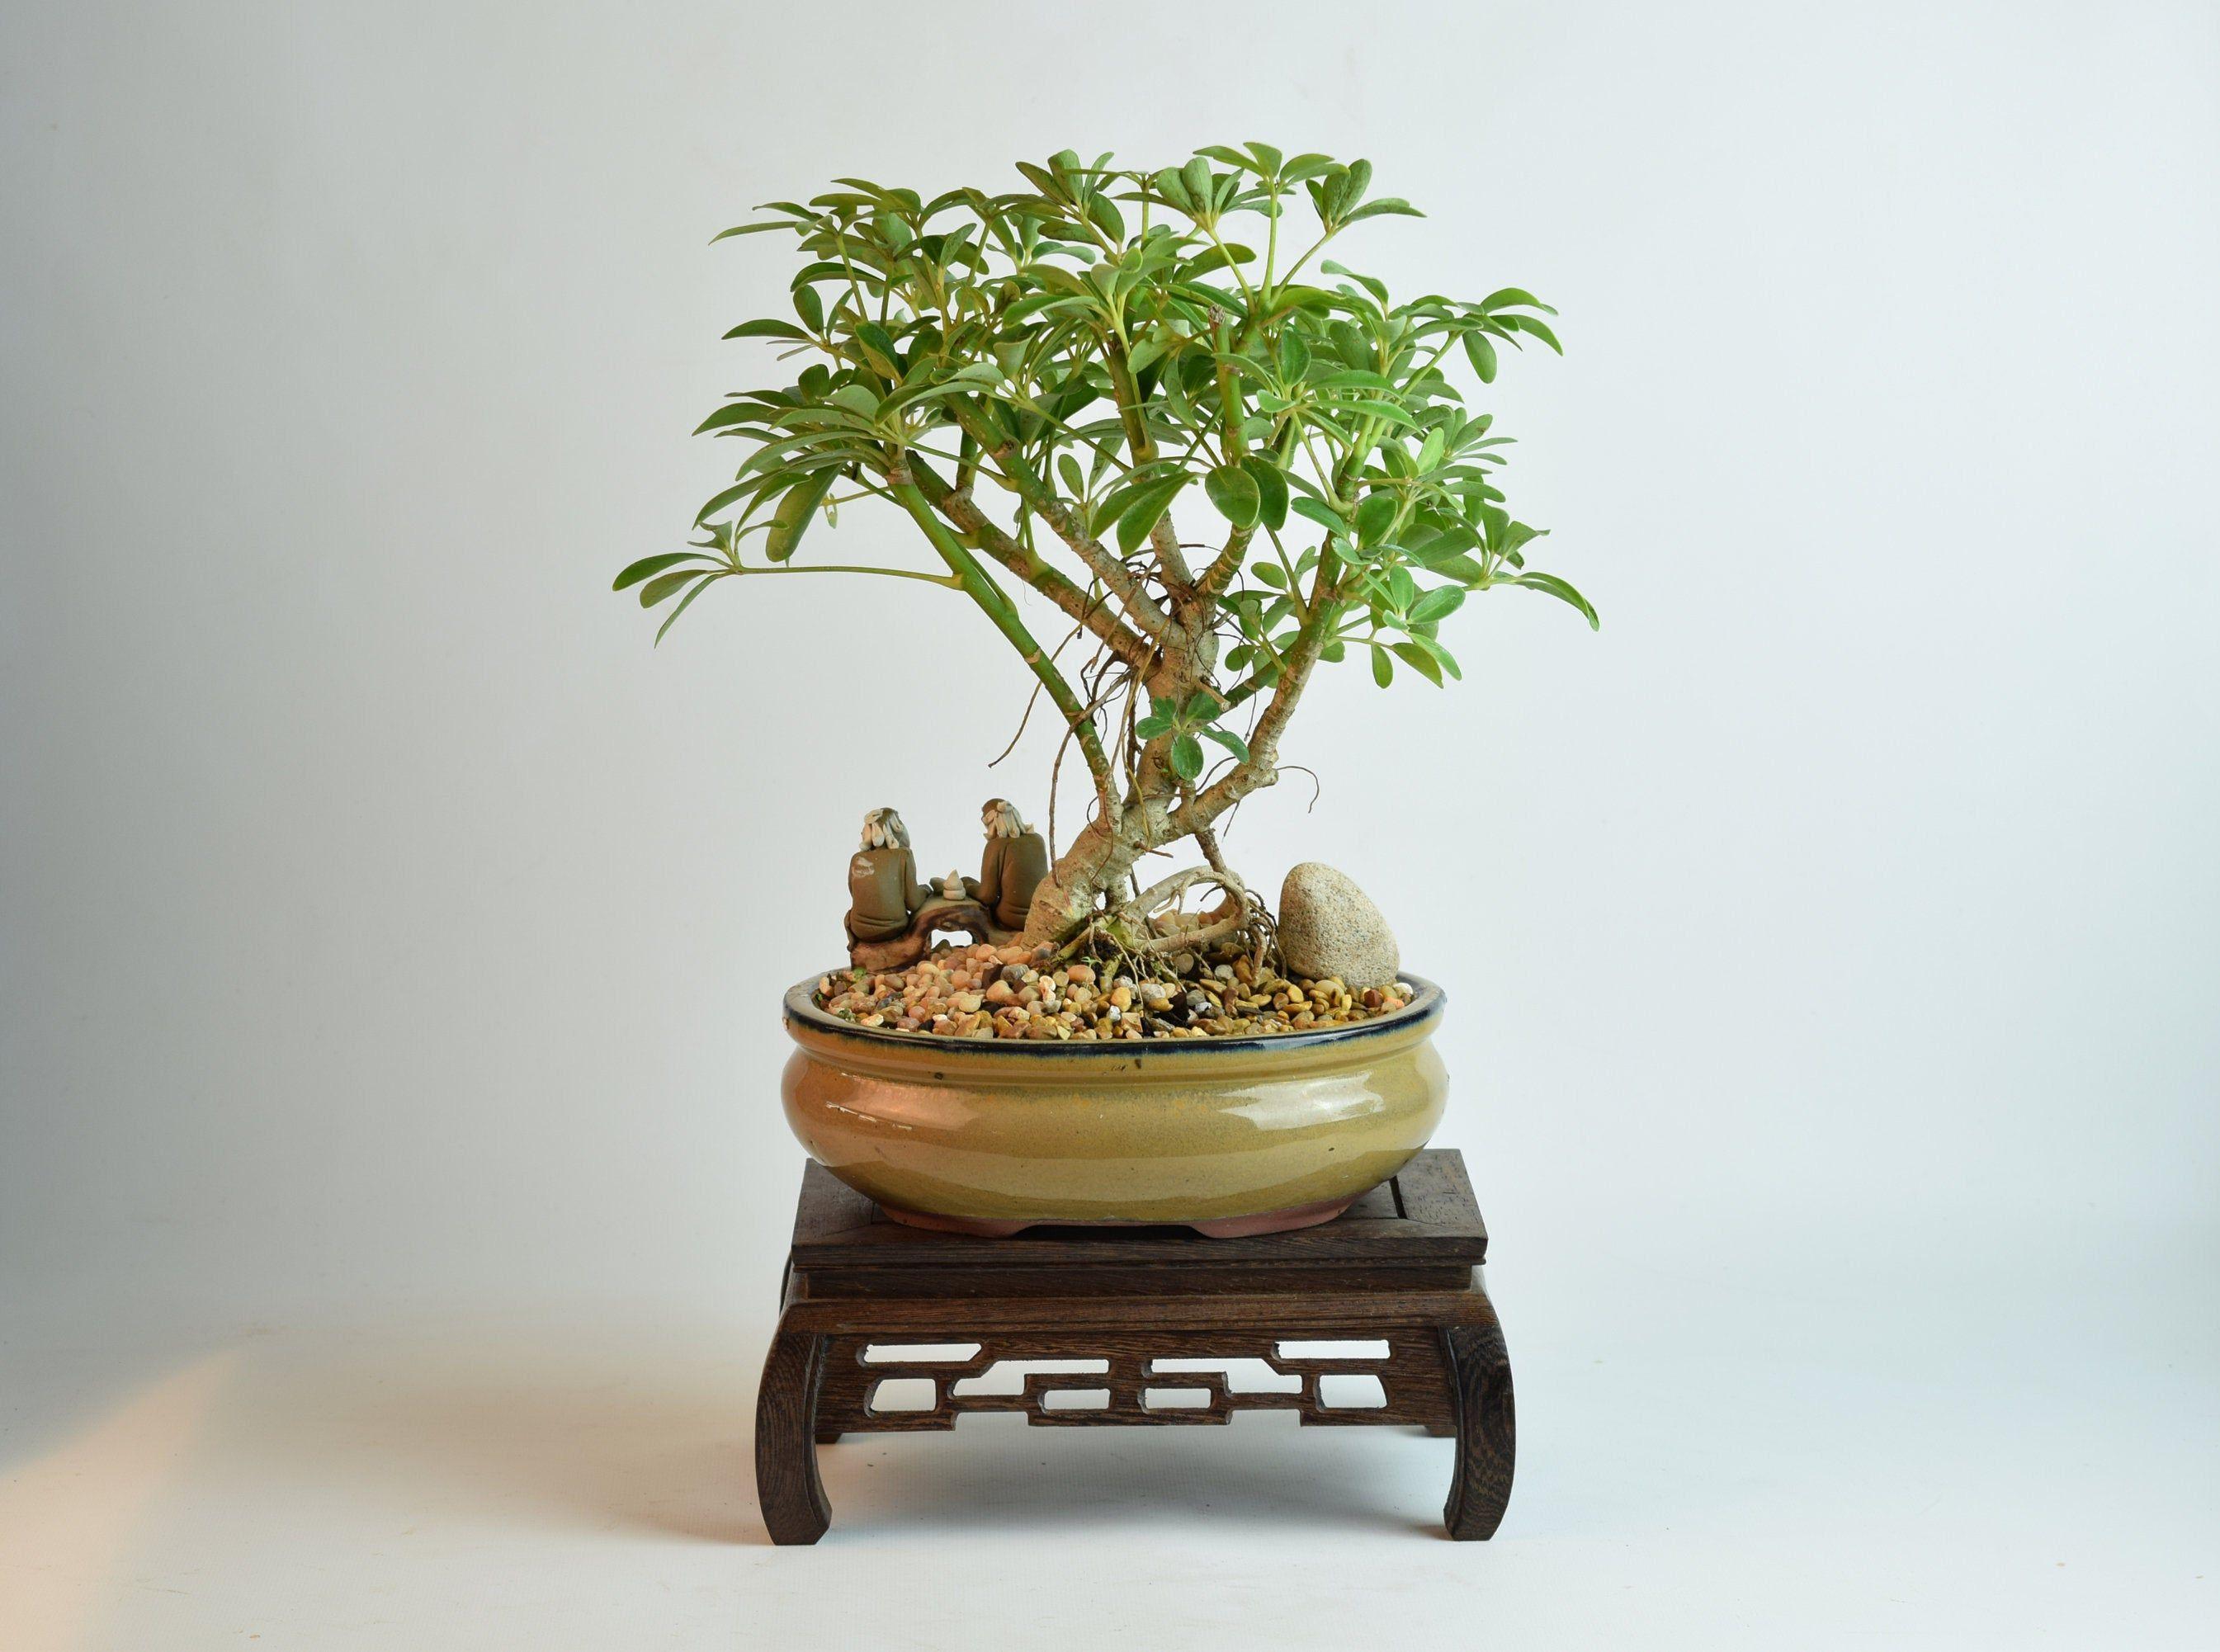 Private Listing For Jennifer Bonsai Tree Dwarf Schefflera Etsy Bonsai Tree Indoor Bonsai Tree Outdoor Plants